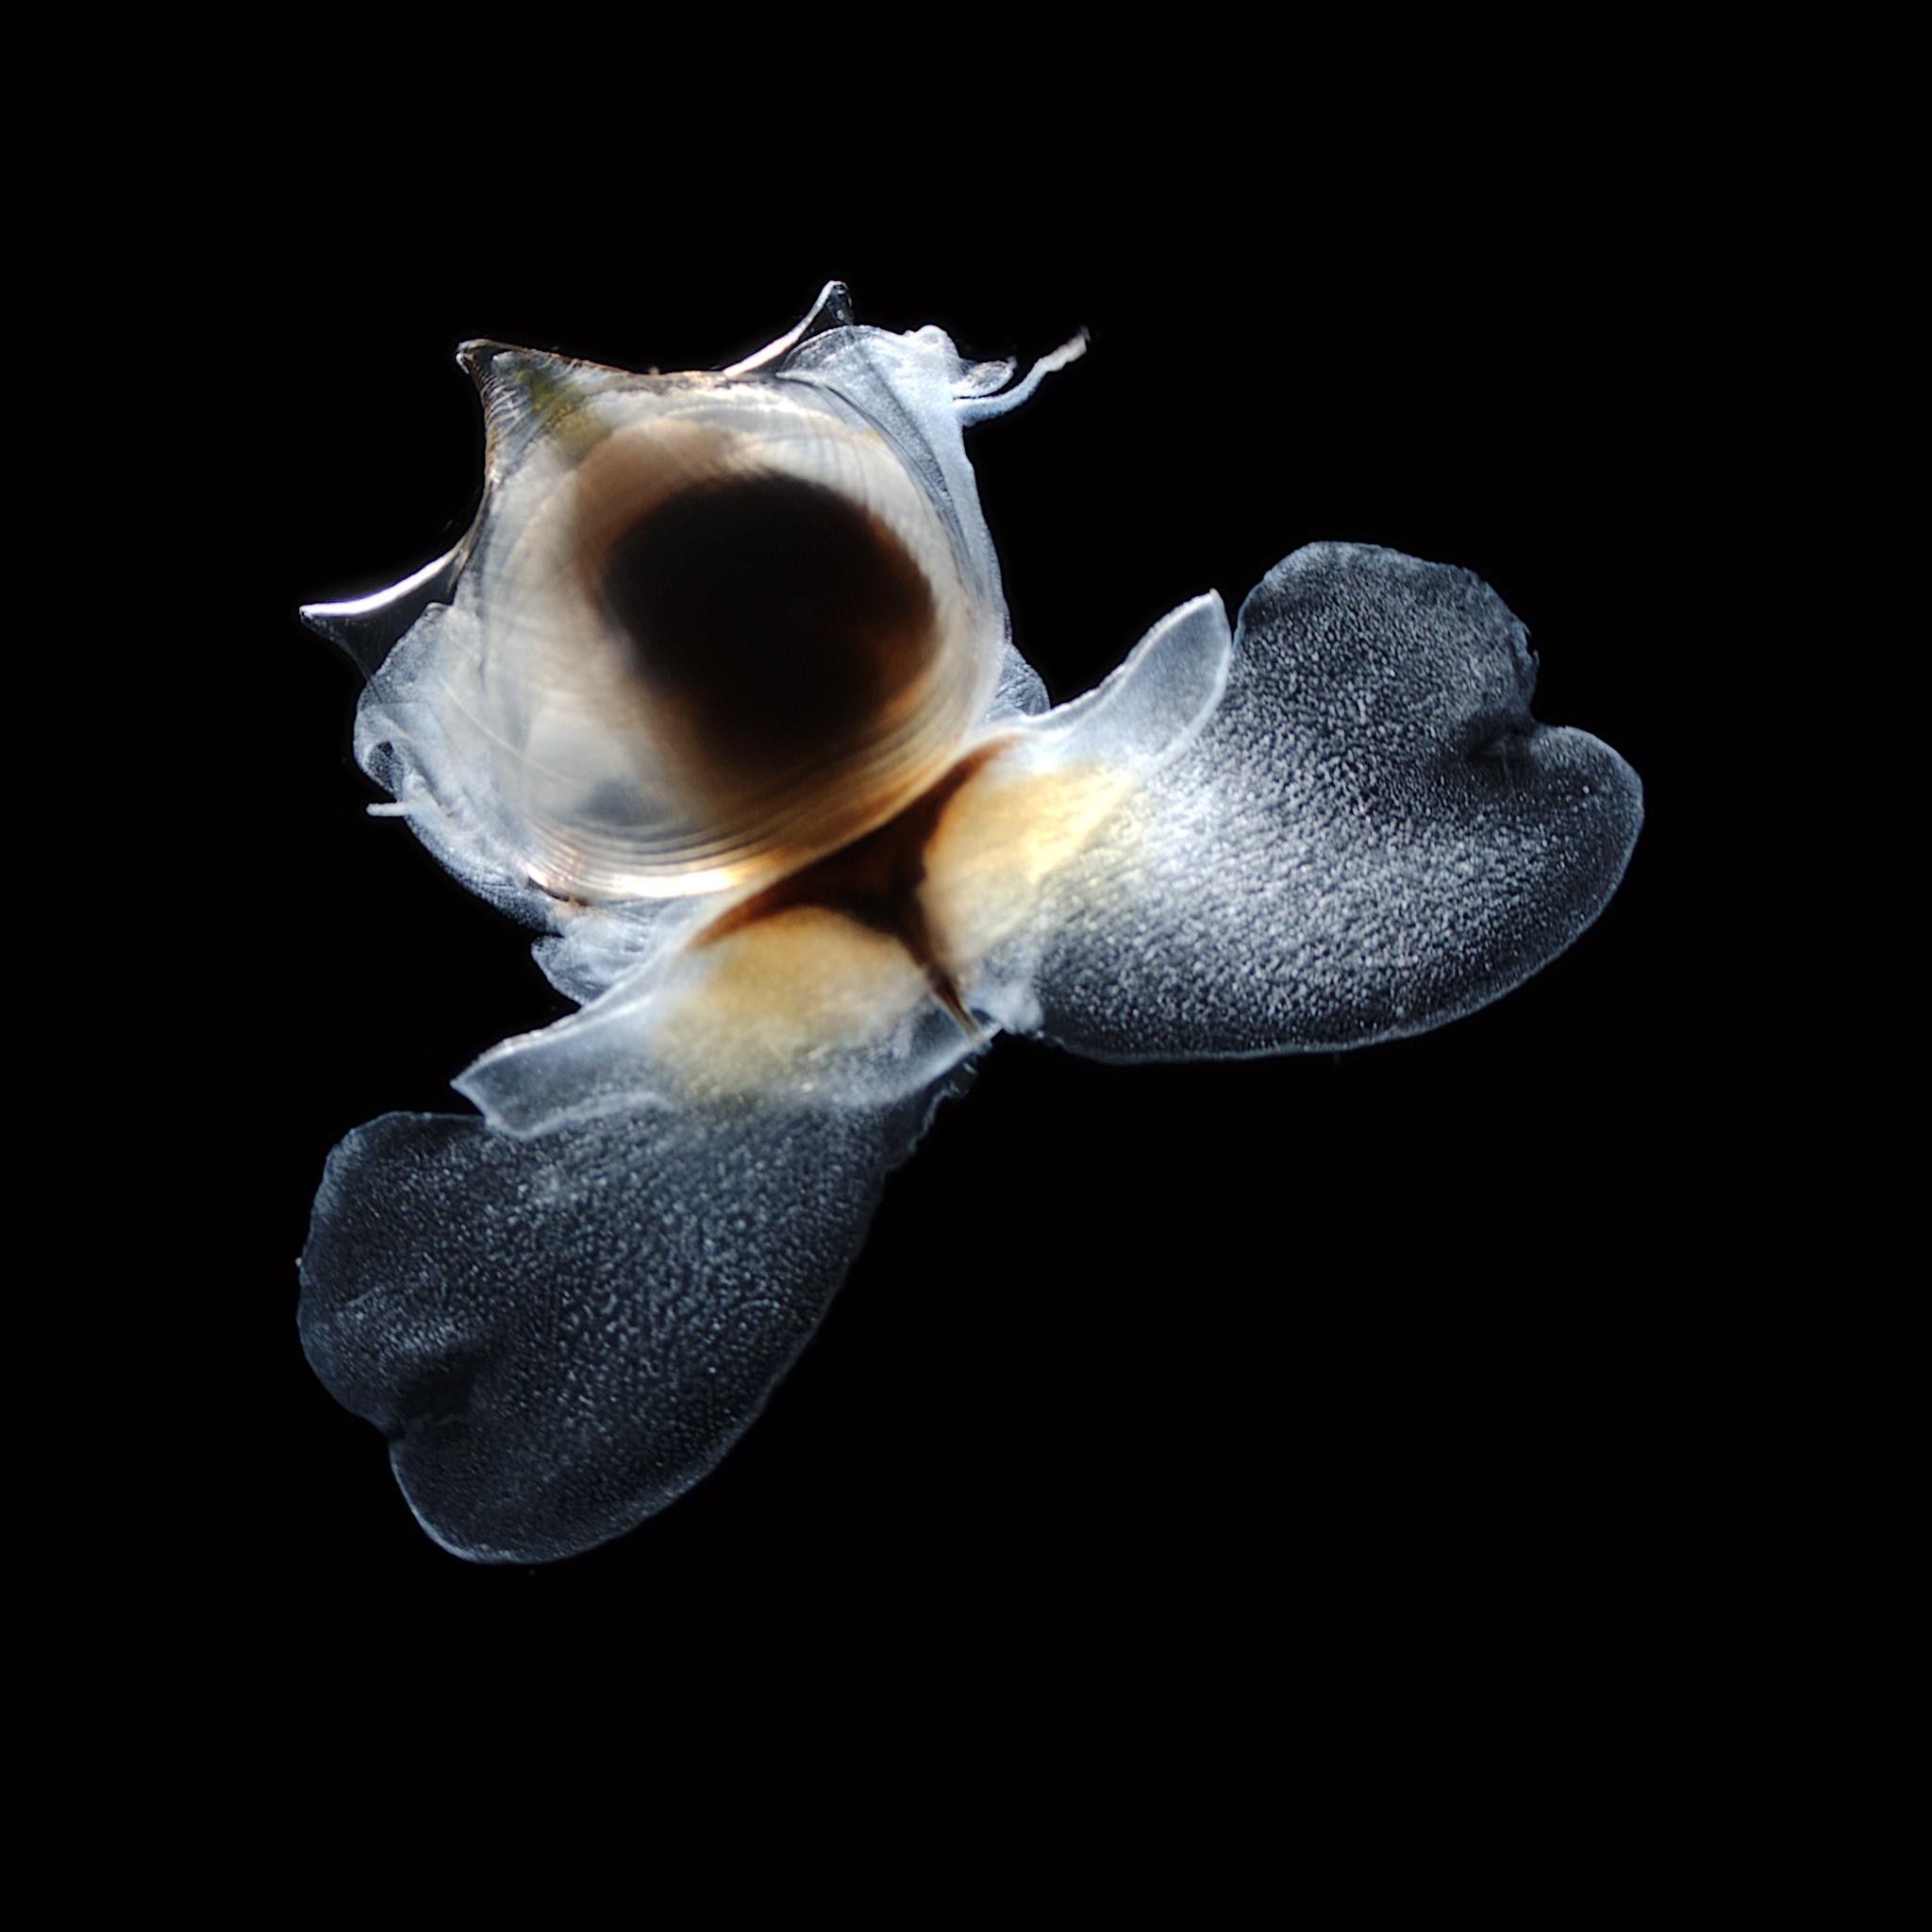 Diepzee-onderzoek van Naturalis centraal in derde aflevering van NPO2-serie 'De Toren'